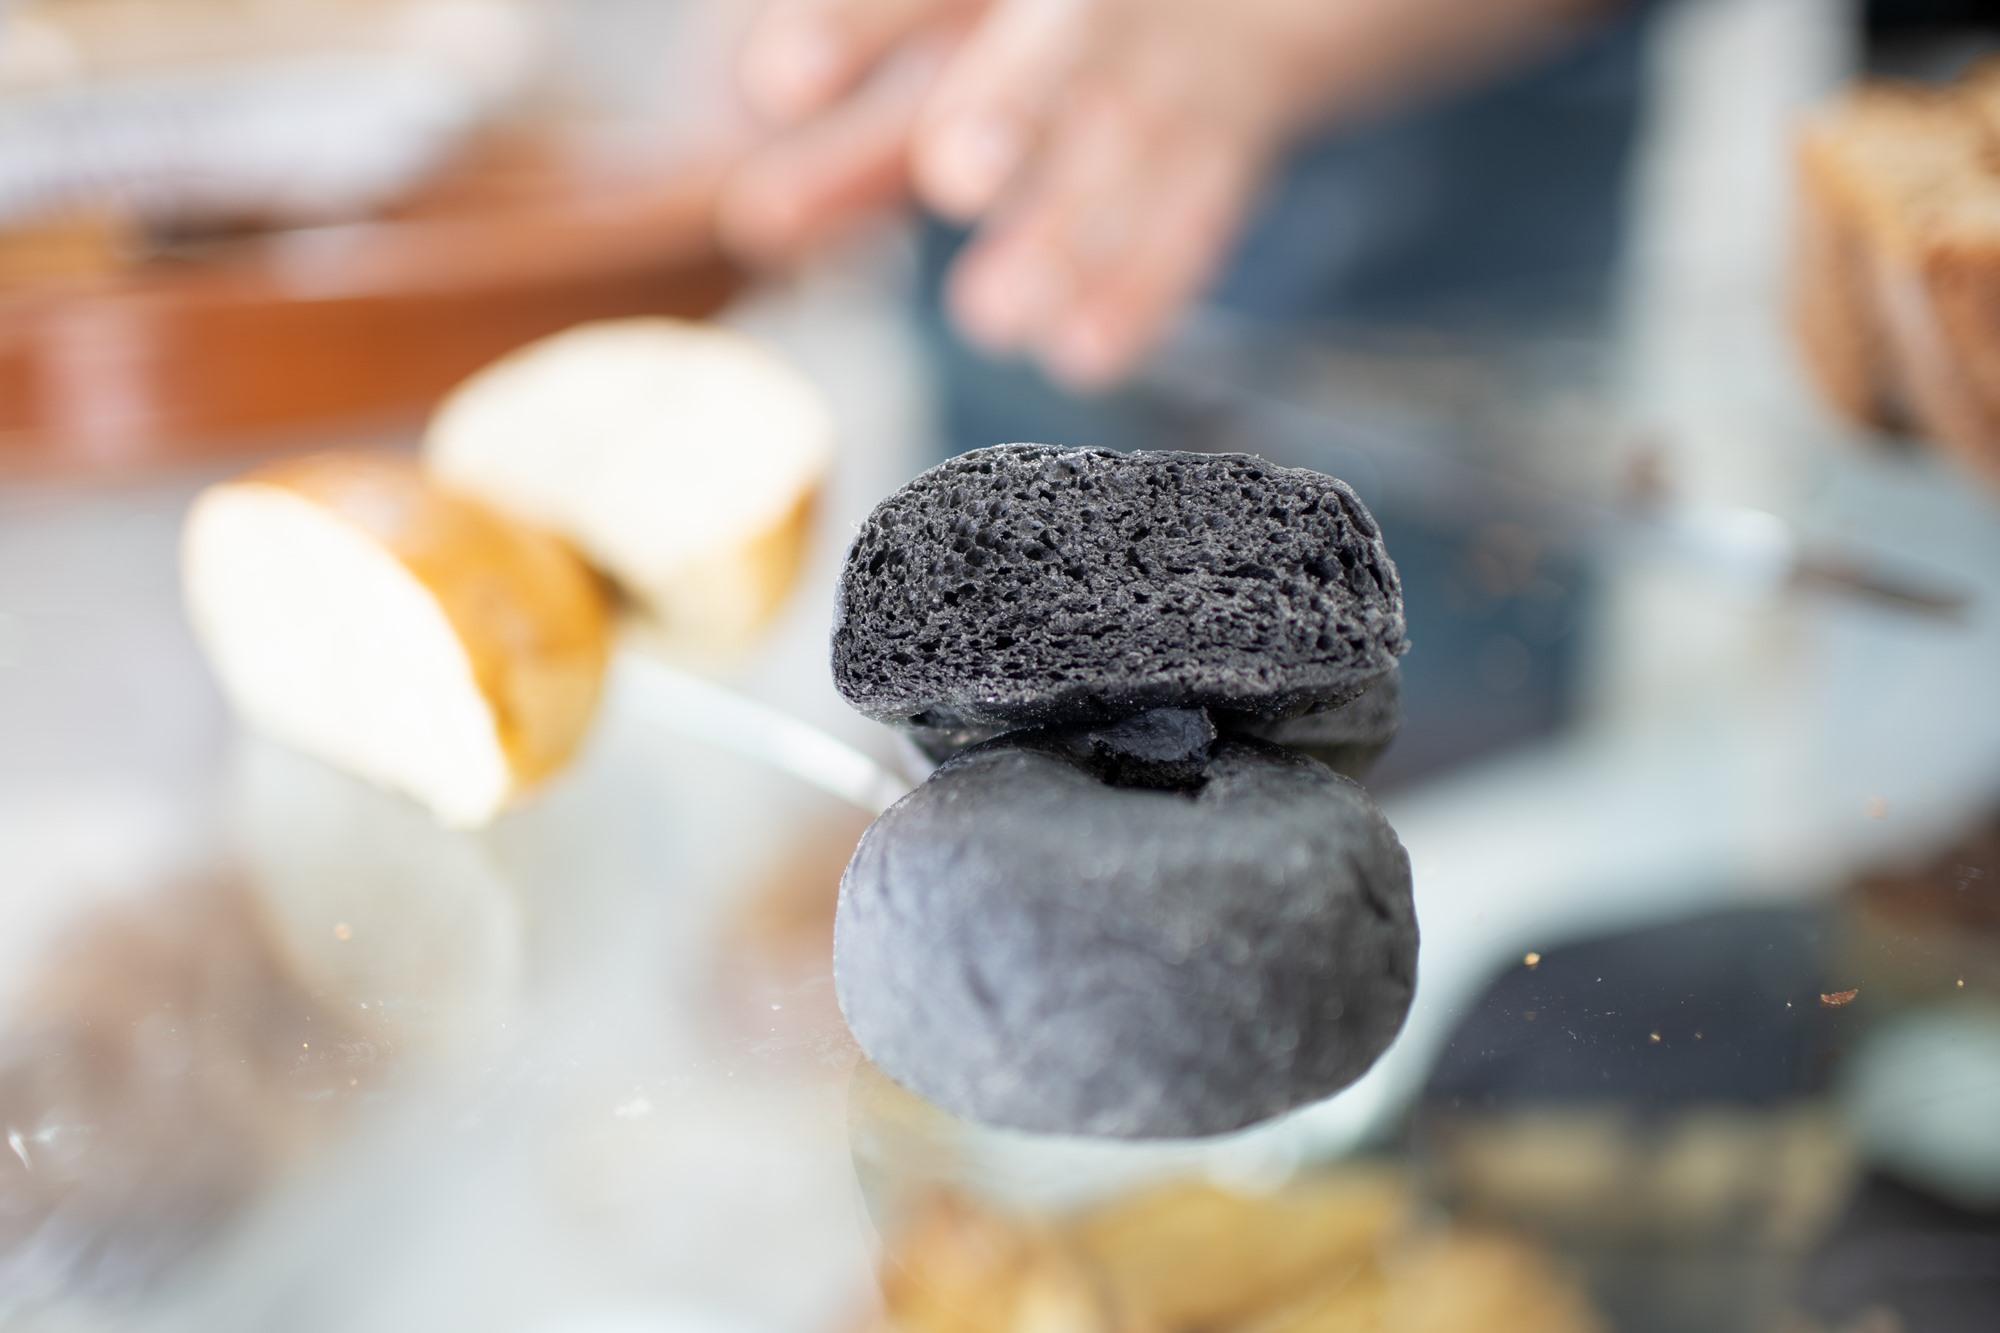 Pan bao con tinta de calamar. Panadería 'La Cremita', Chiclana de la Frontera